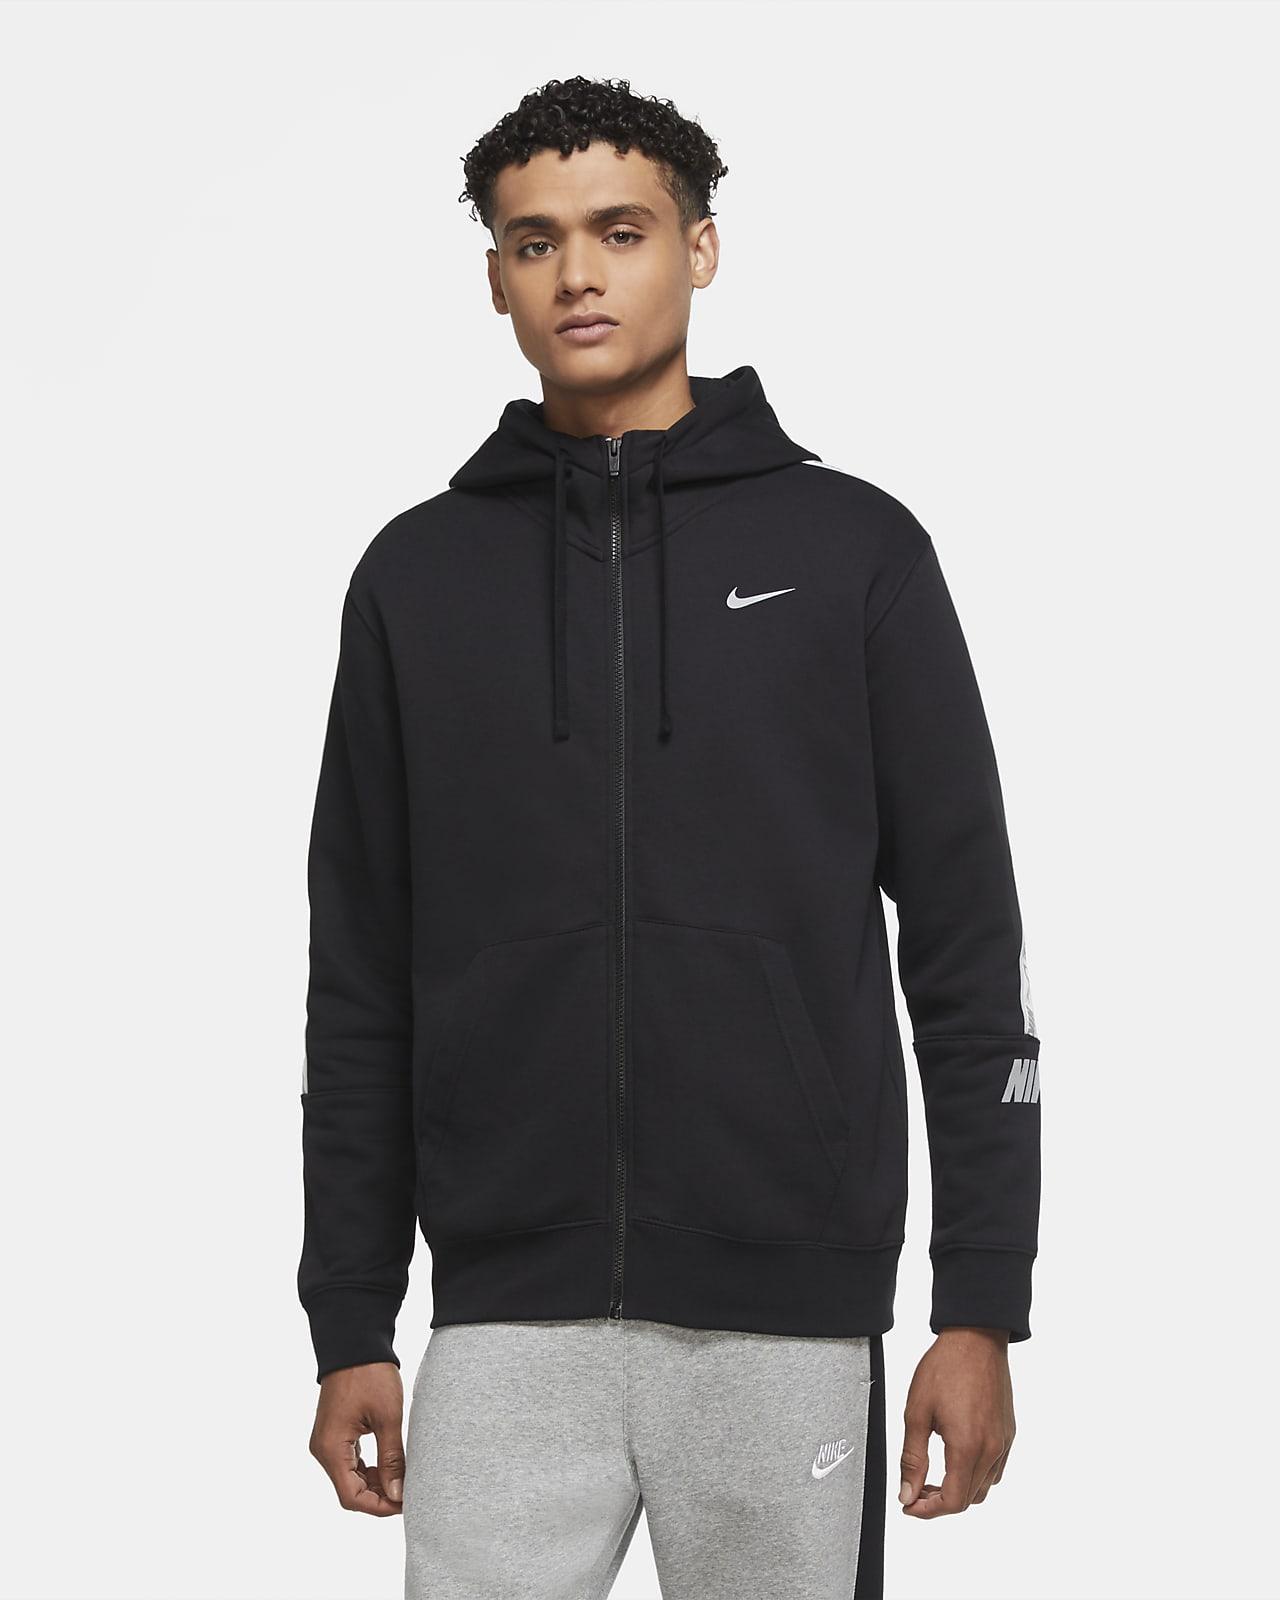 Nike Sportswear fleecehettejakke med hel glidelås til herre